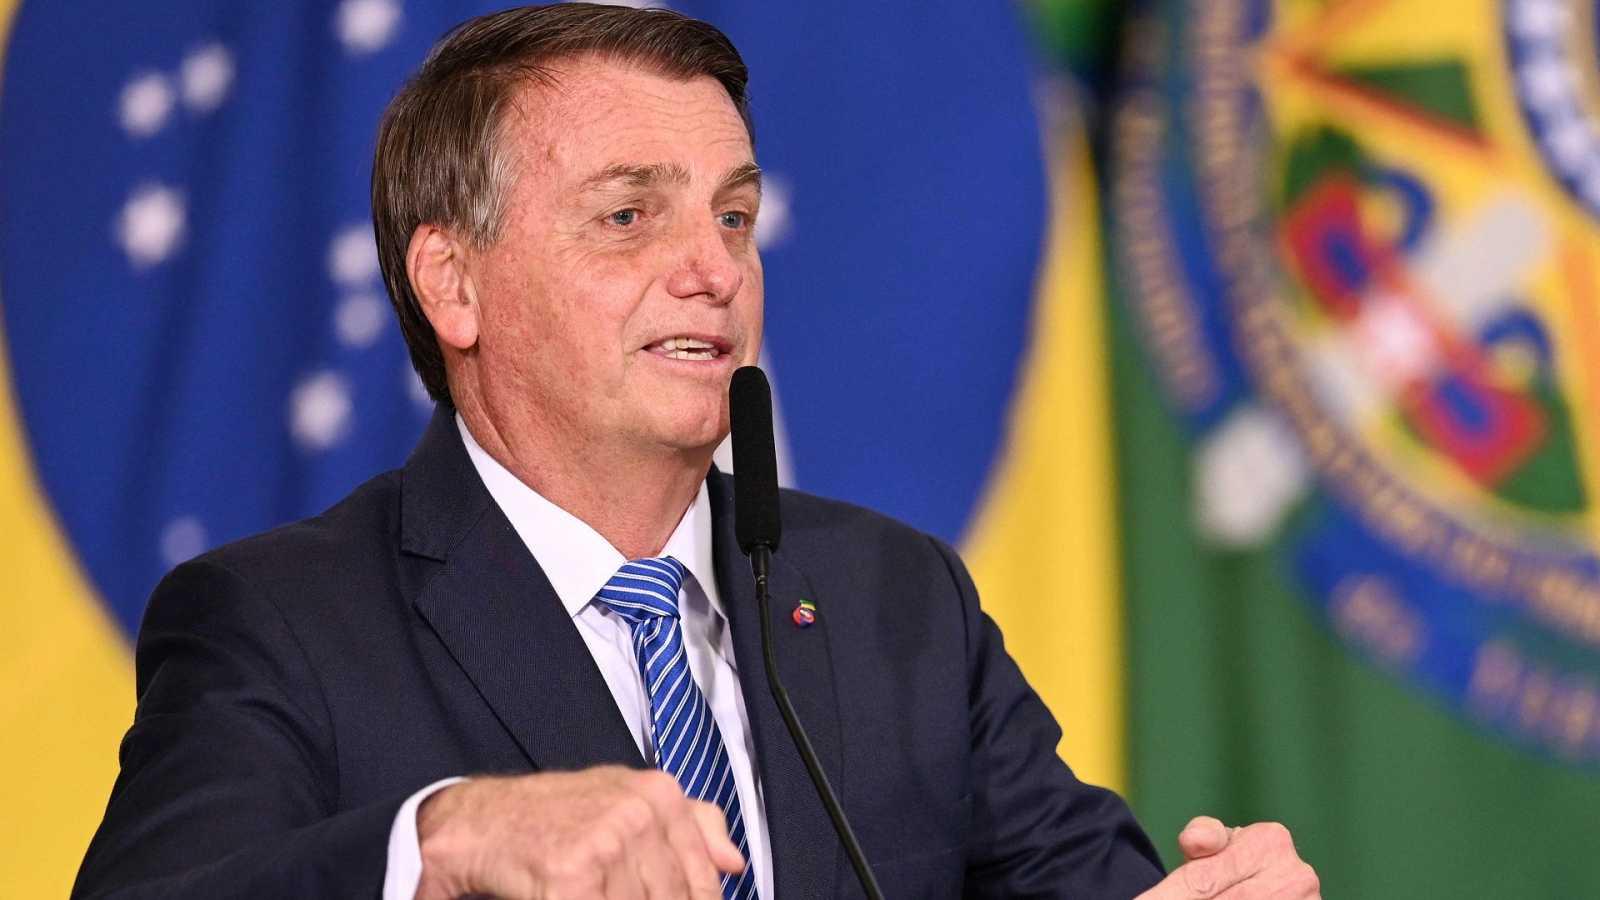 El presidente brasileño Jair Bolsonaro durante un discurso